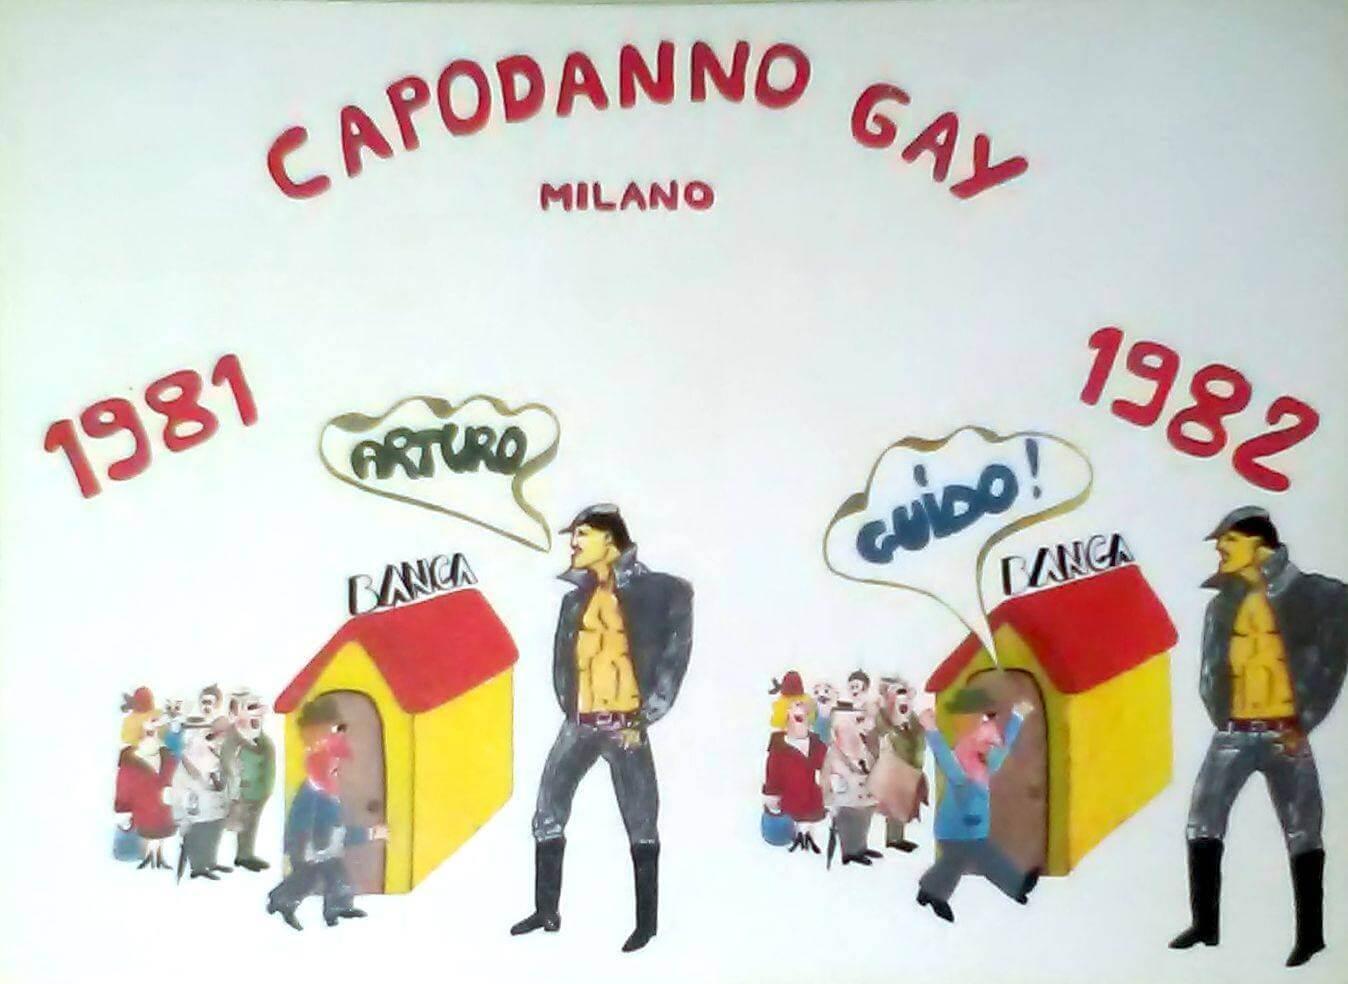 Cartolina per pubblicizzare la festa di capodanno organizzata a Milano dal Fuori!.